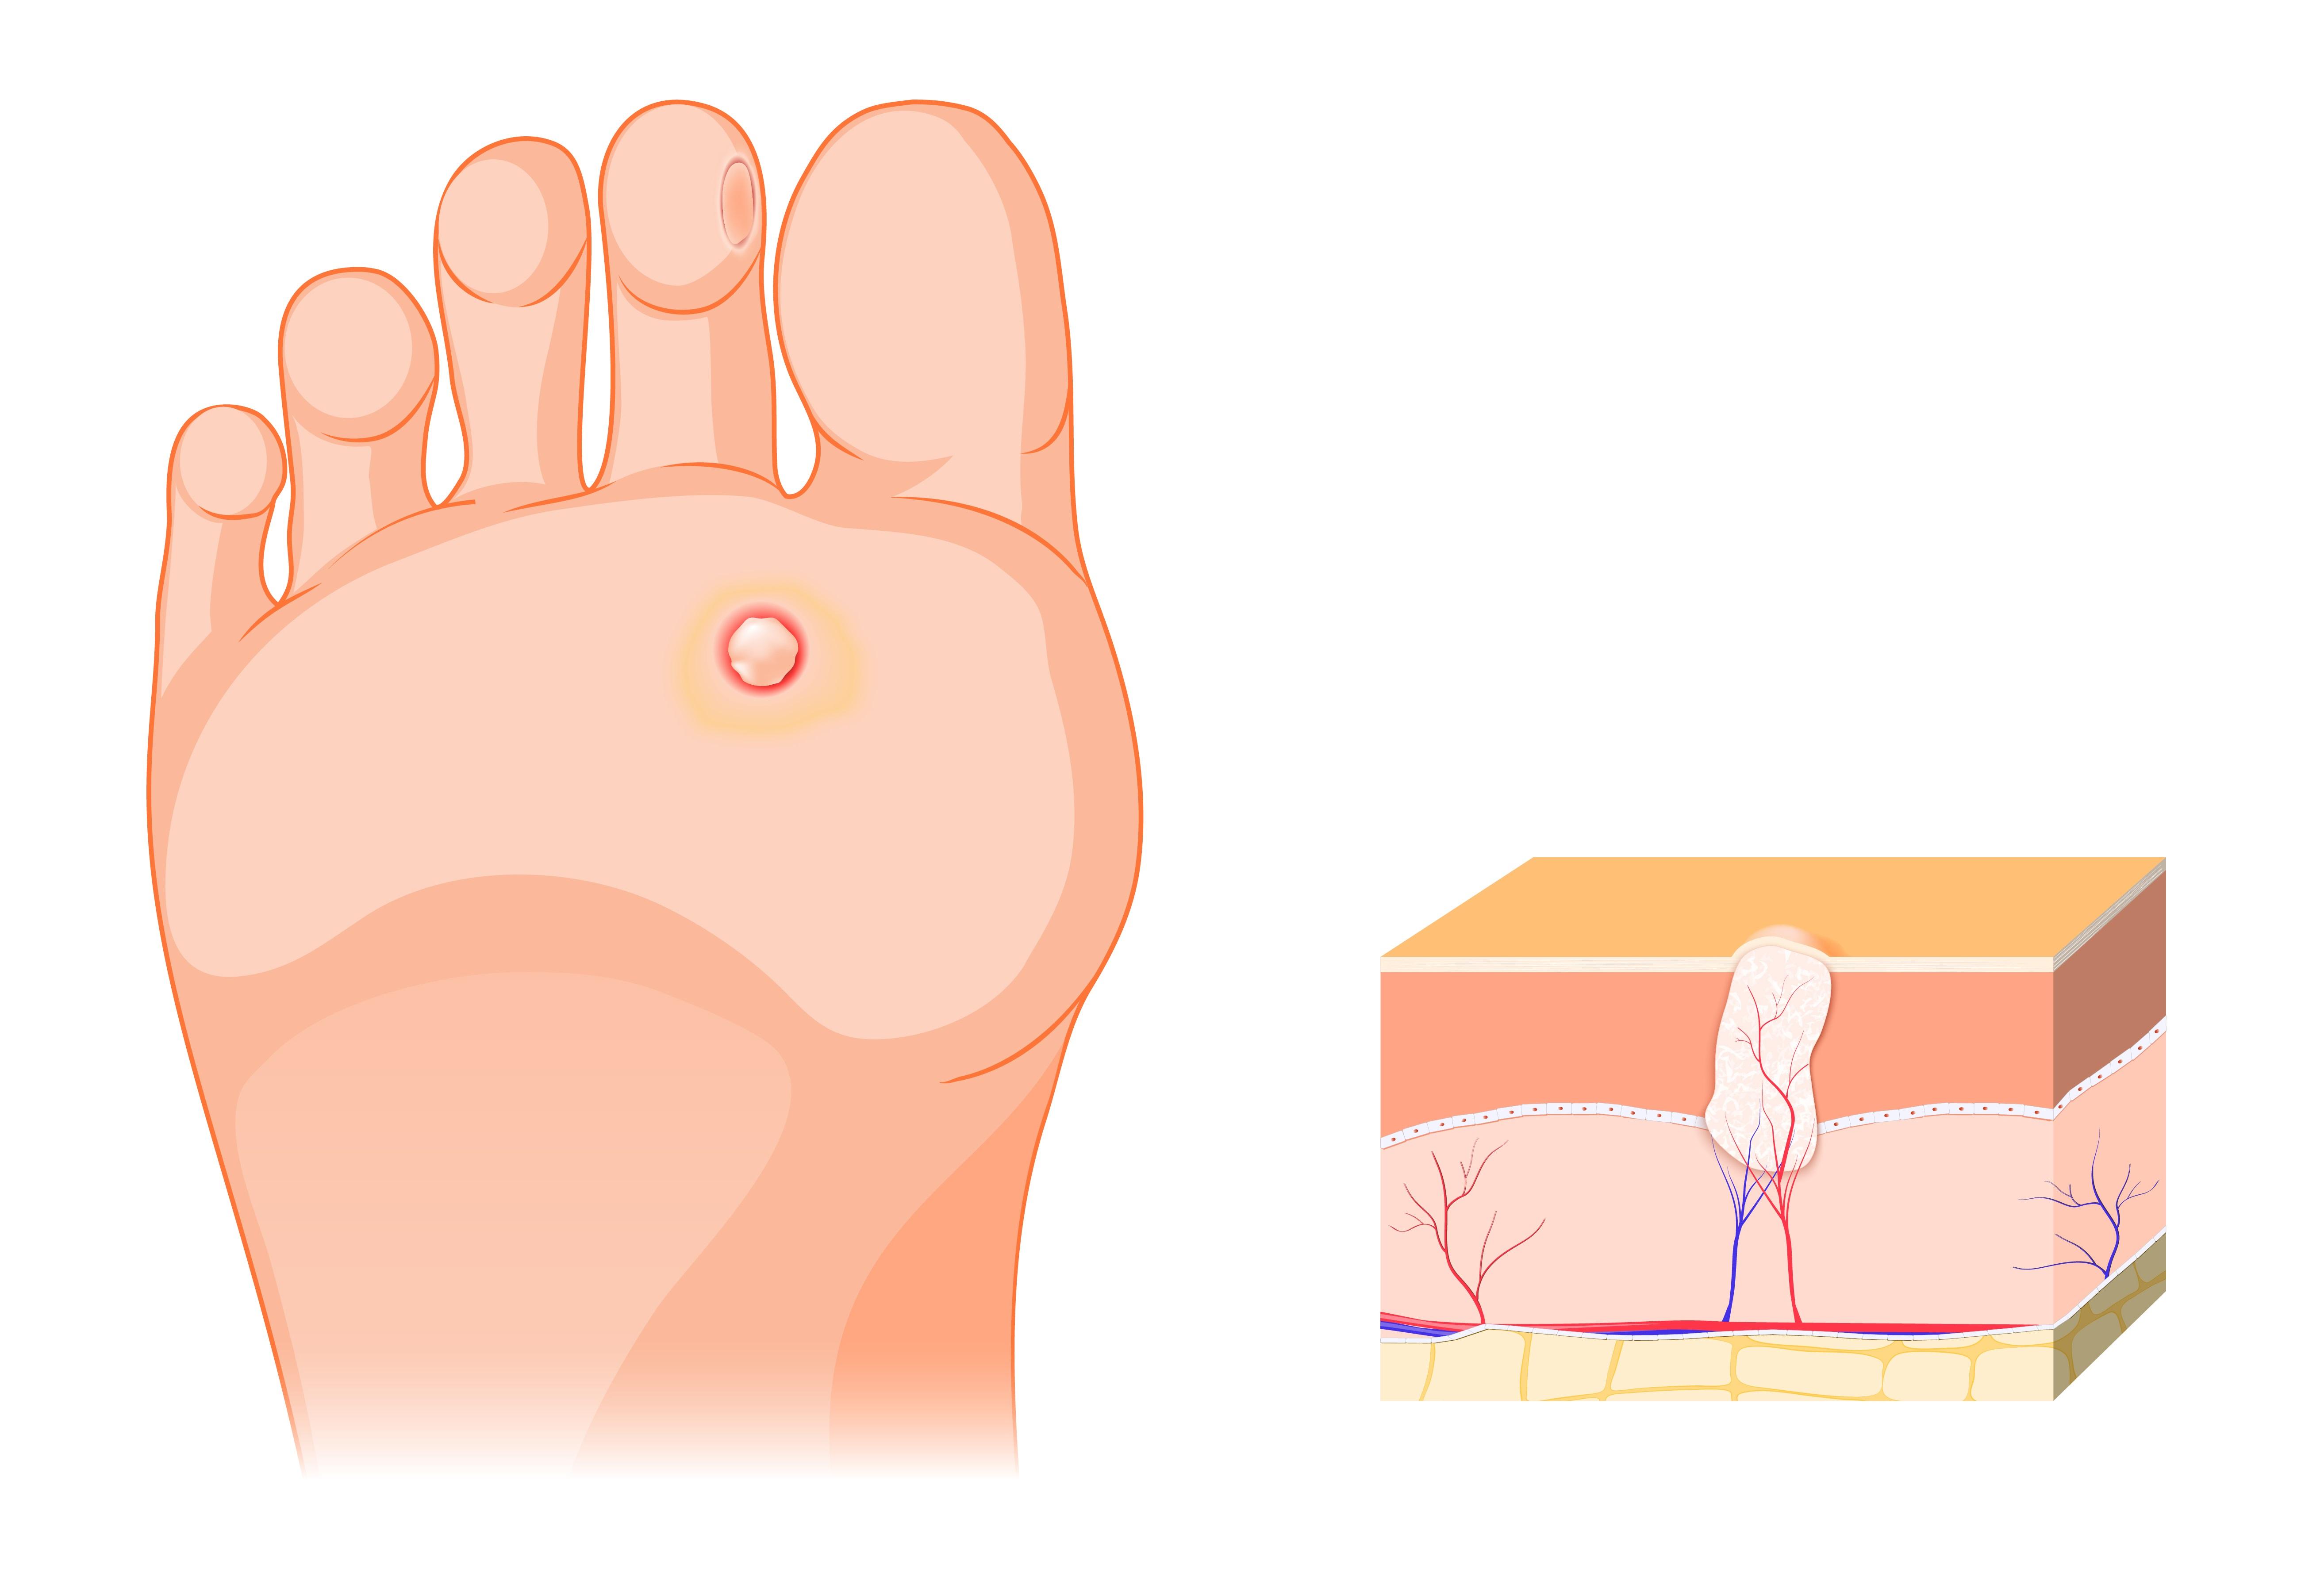 Hogyan lehet csirke szemölcsös gyalog - Bőrgyulladás October